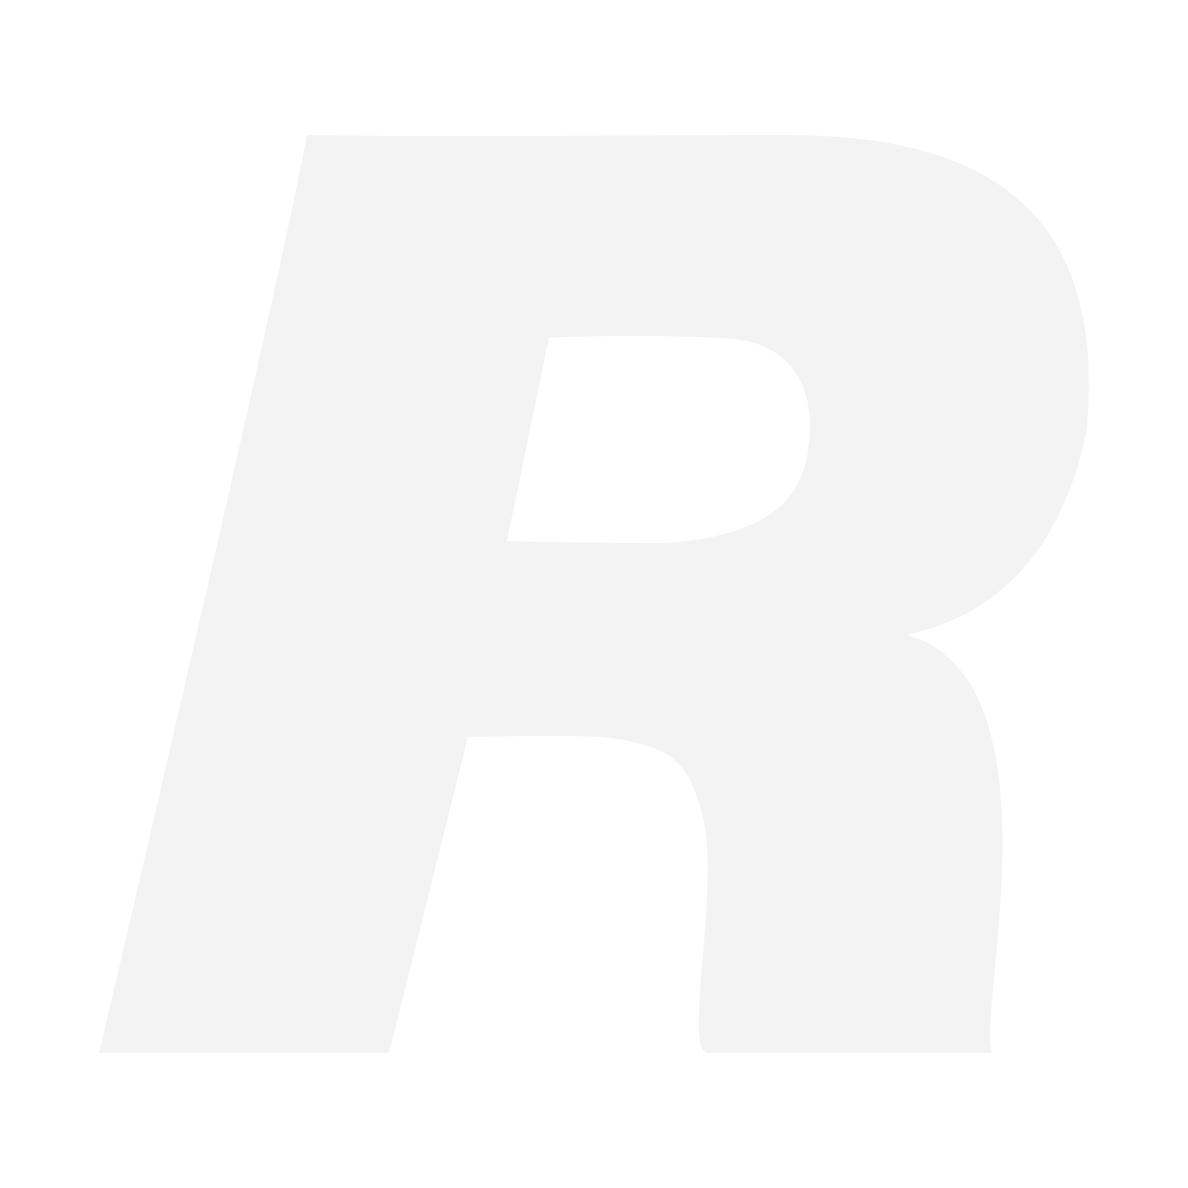 Kooka Loittorengassarja (12mm, 20mm, 36mm), Nikon KÄYTETTY